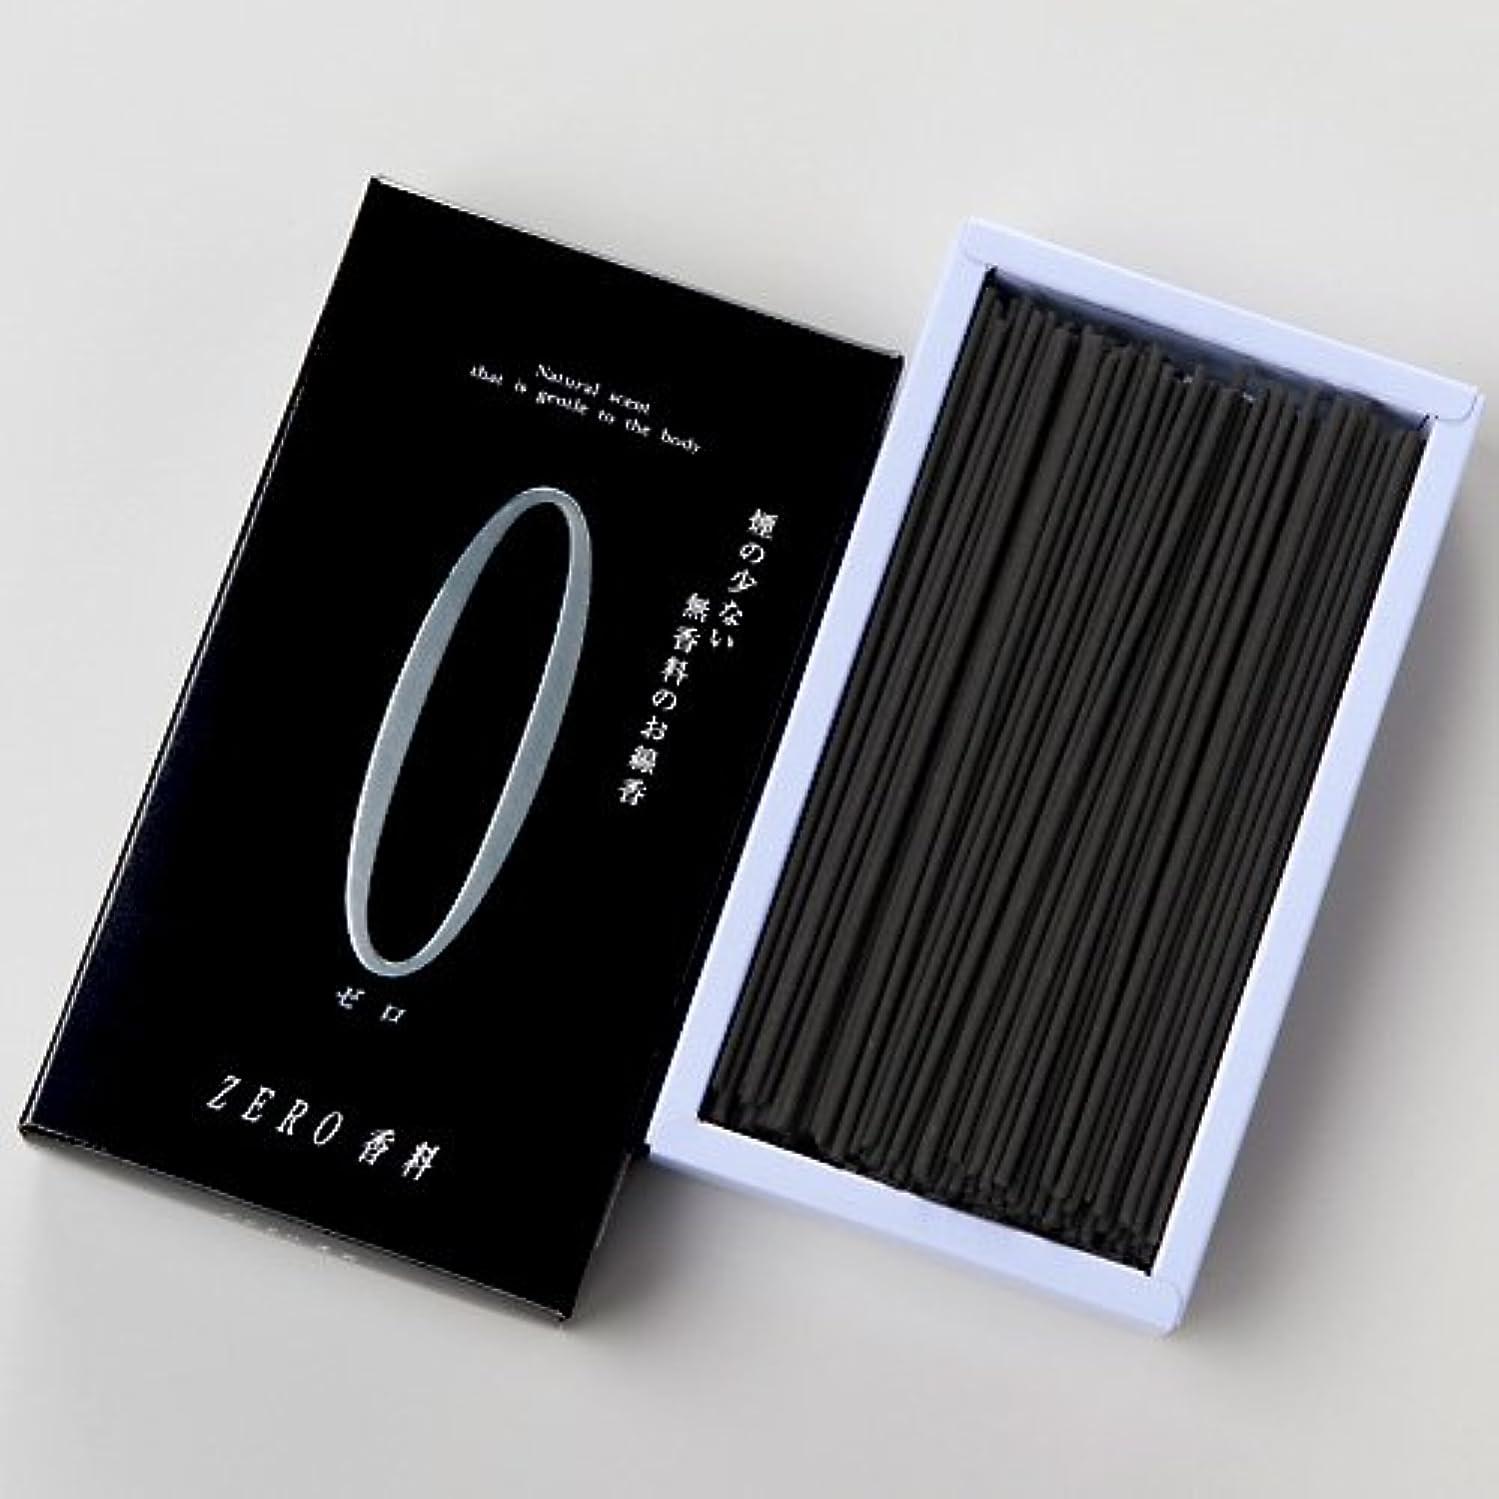 道路を作るプロセス家具海港家庭用線香 ZERO(ゼロ)香料 黒 中箱(箱寸法16.5×9×3.2cm)◆無香料の超微煙タイプのお線香(奥野晴明堂)